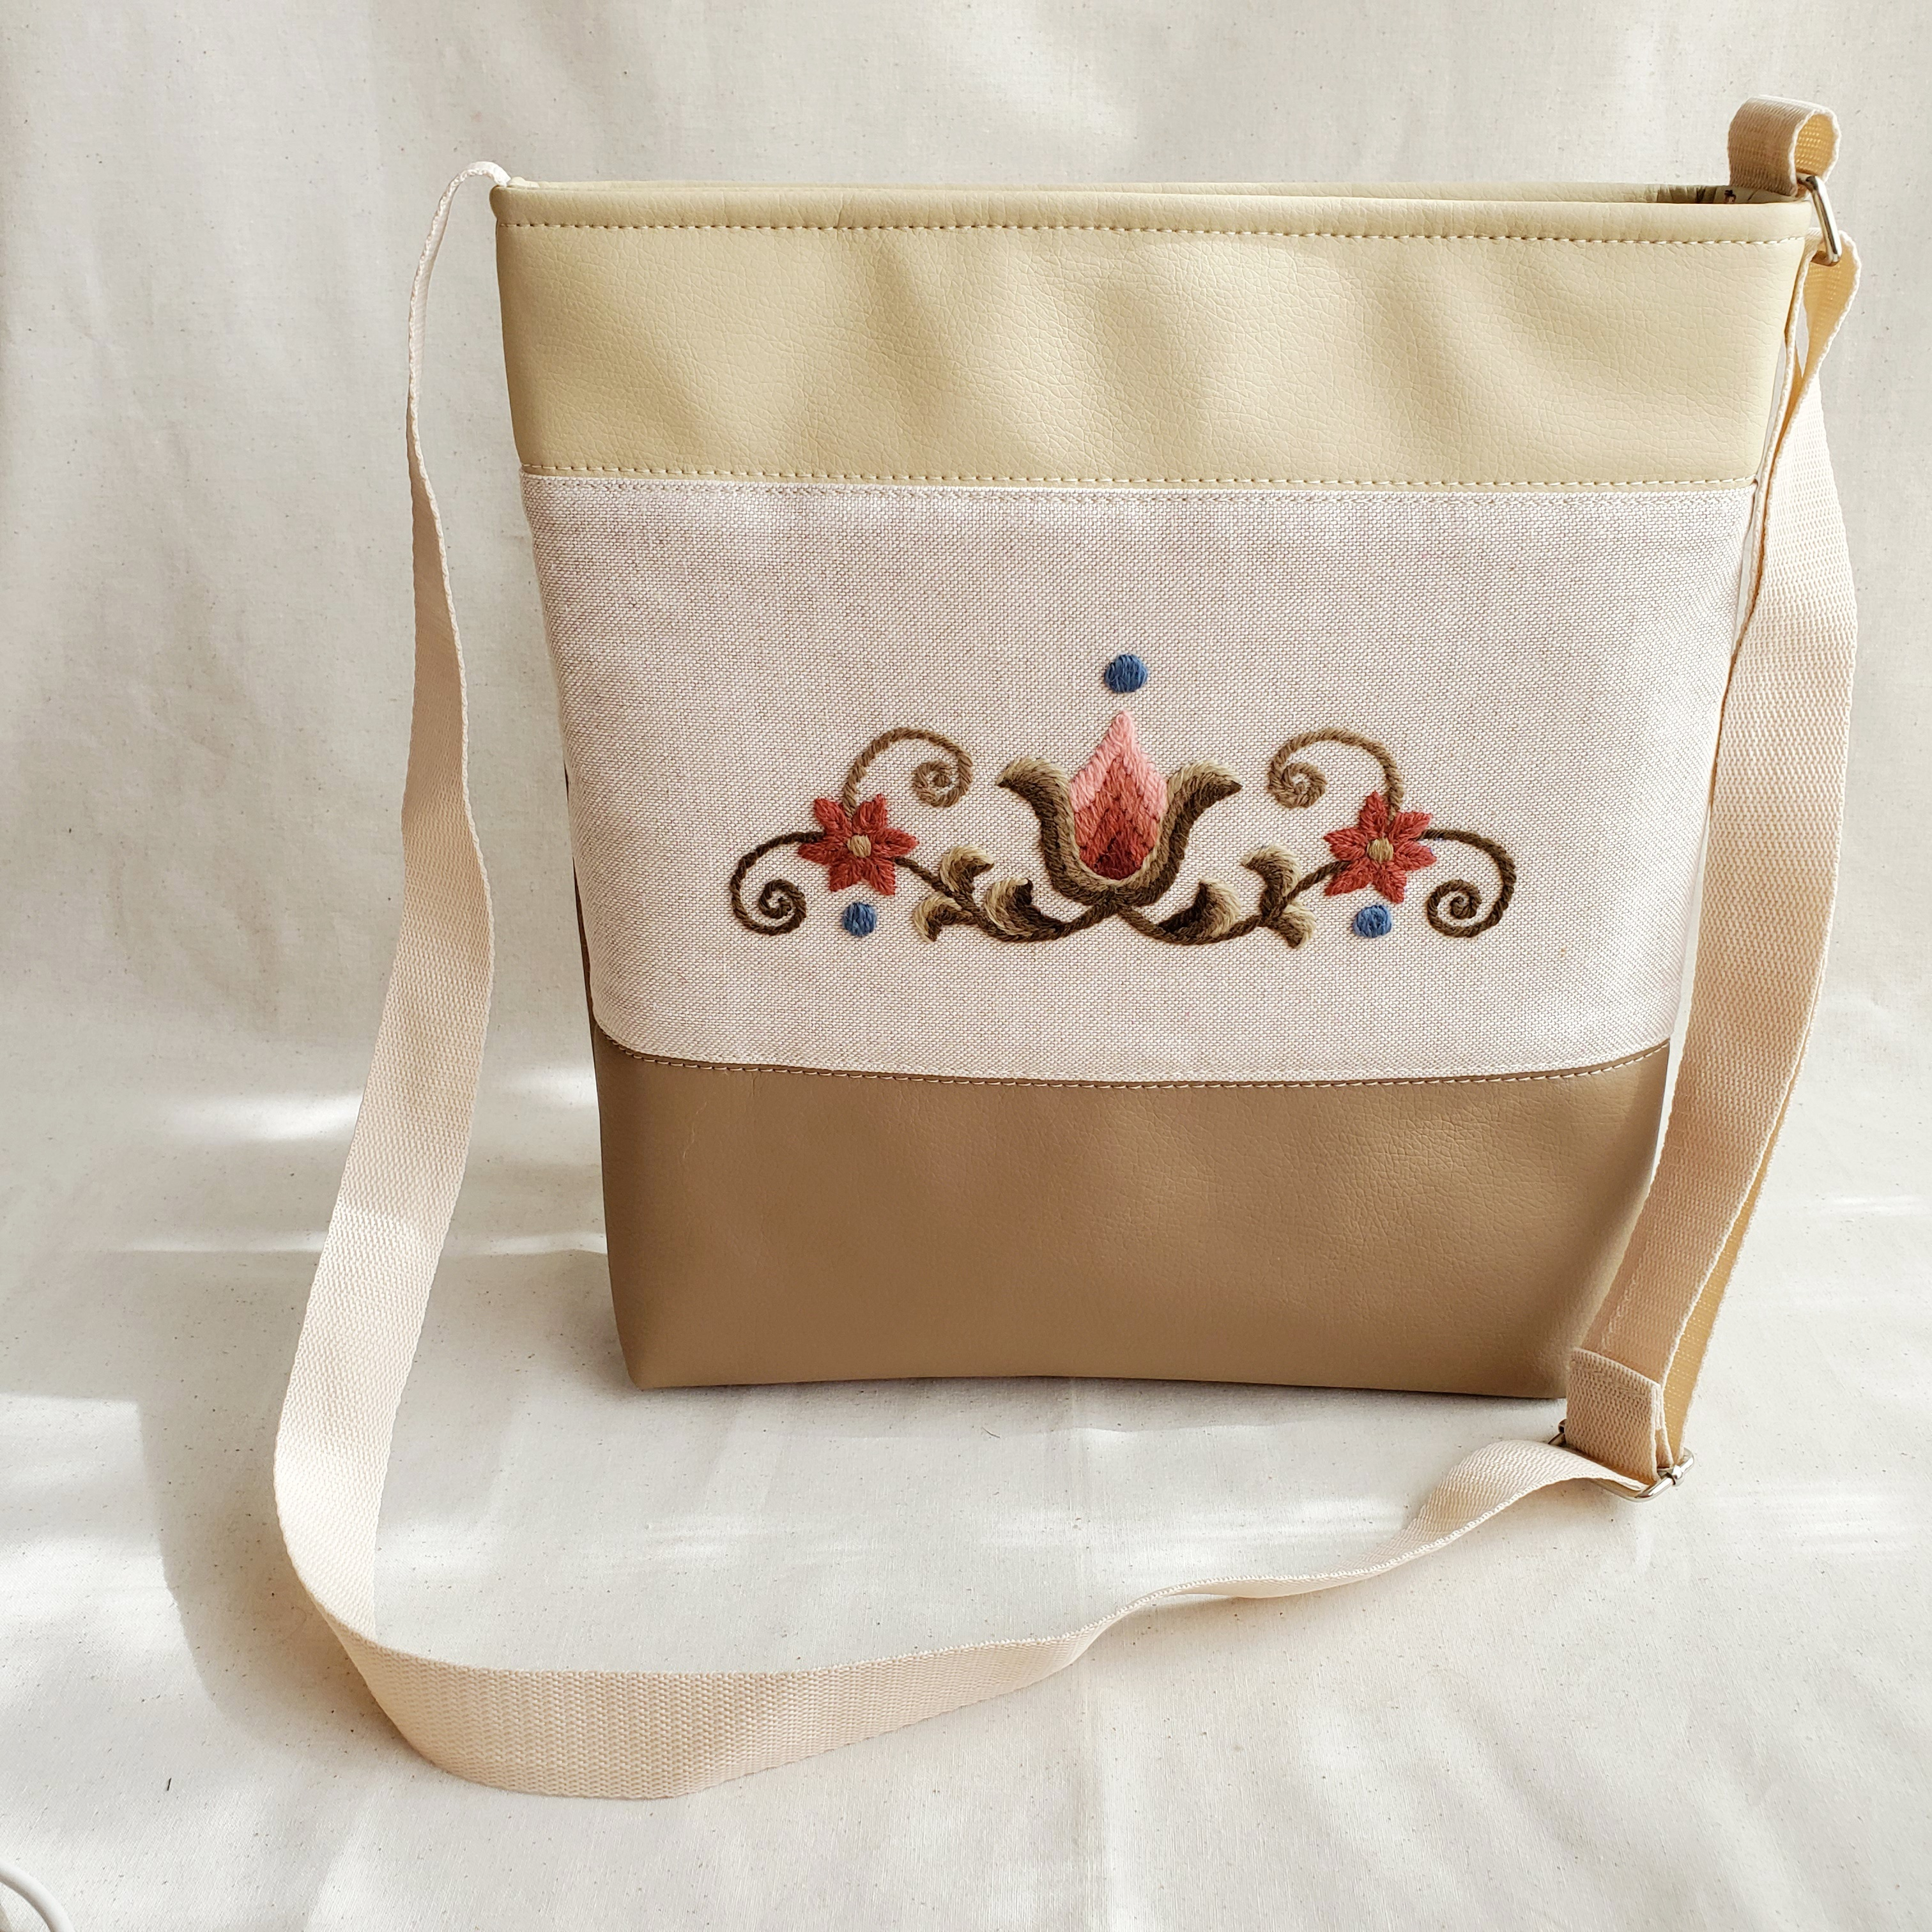 チューリップ柄のショルダーバッグ